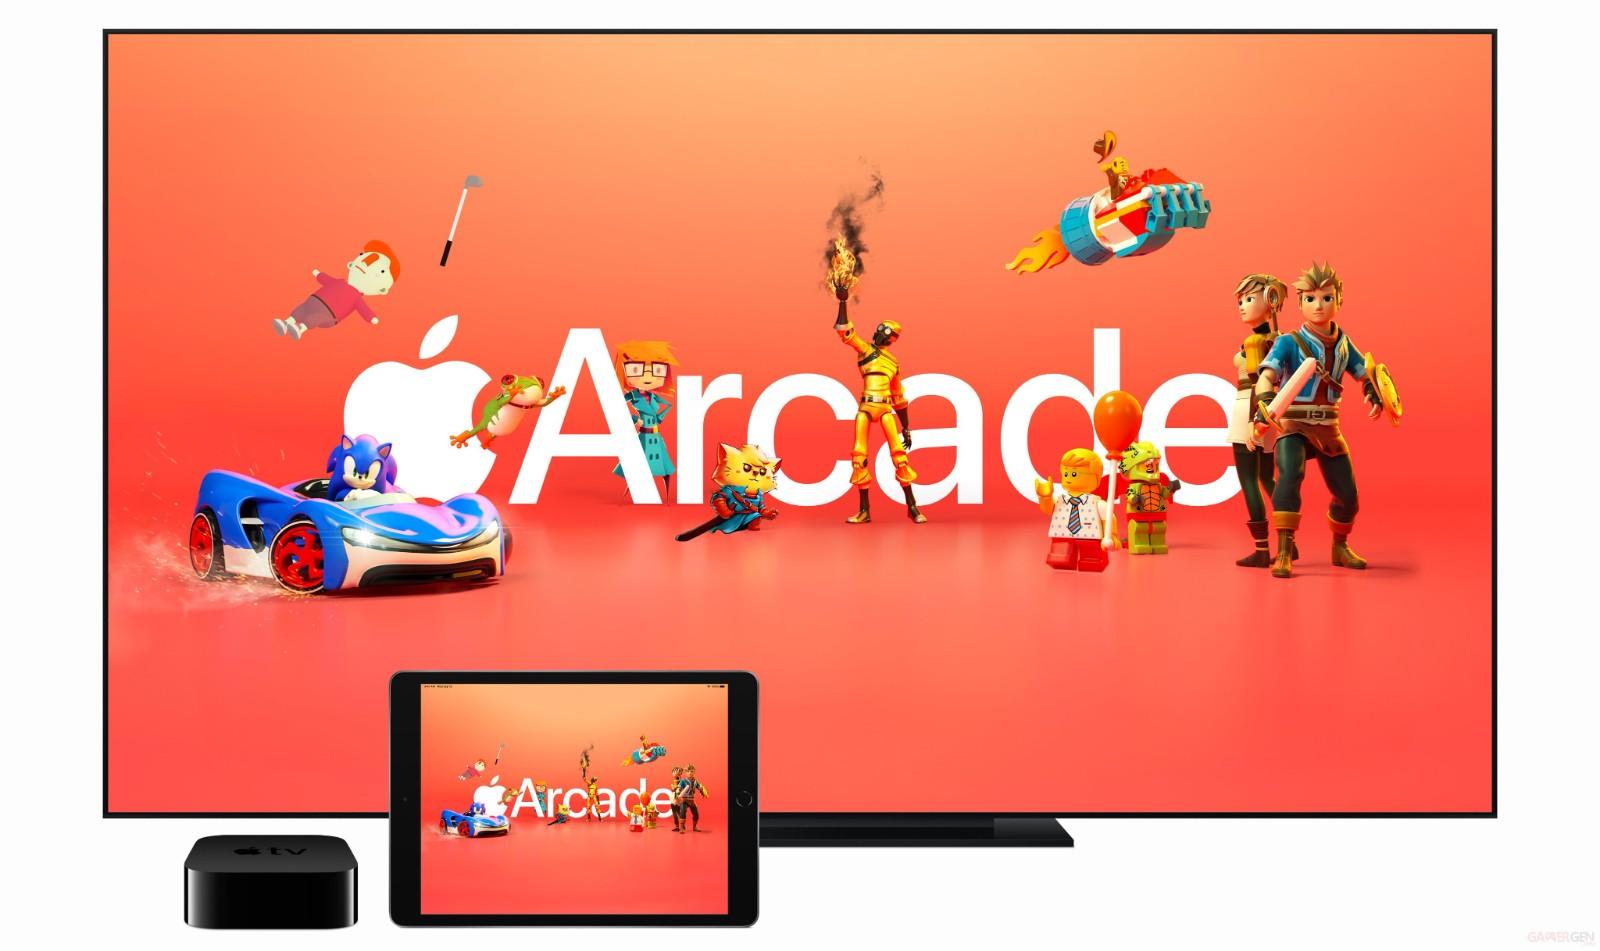 苹果将推出Switch类似游戏机 正与育碧进行磋商